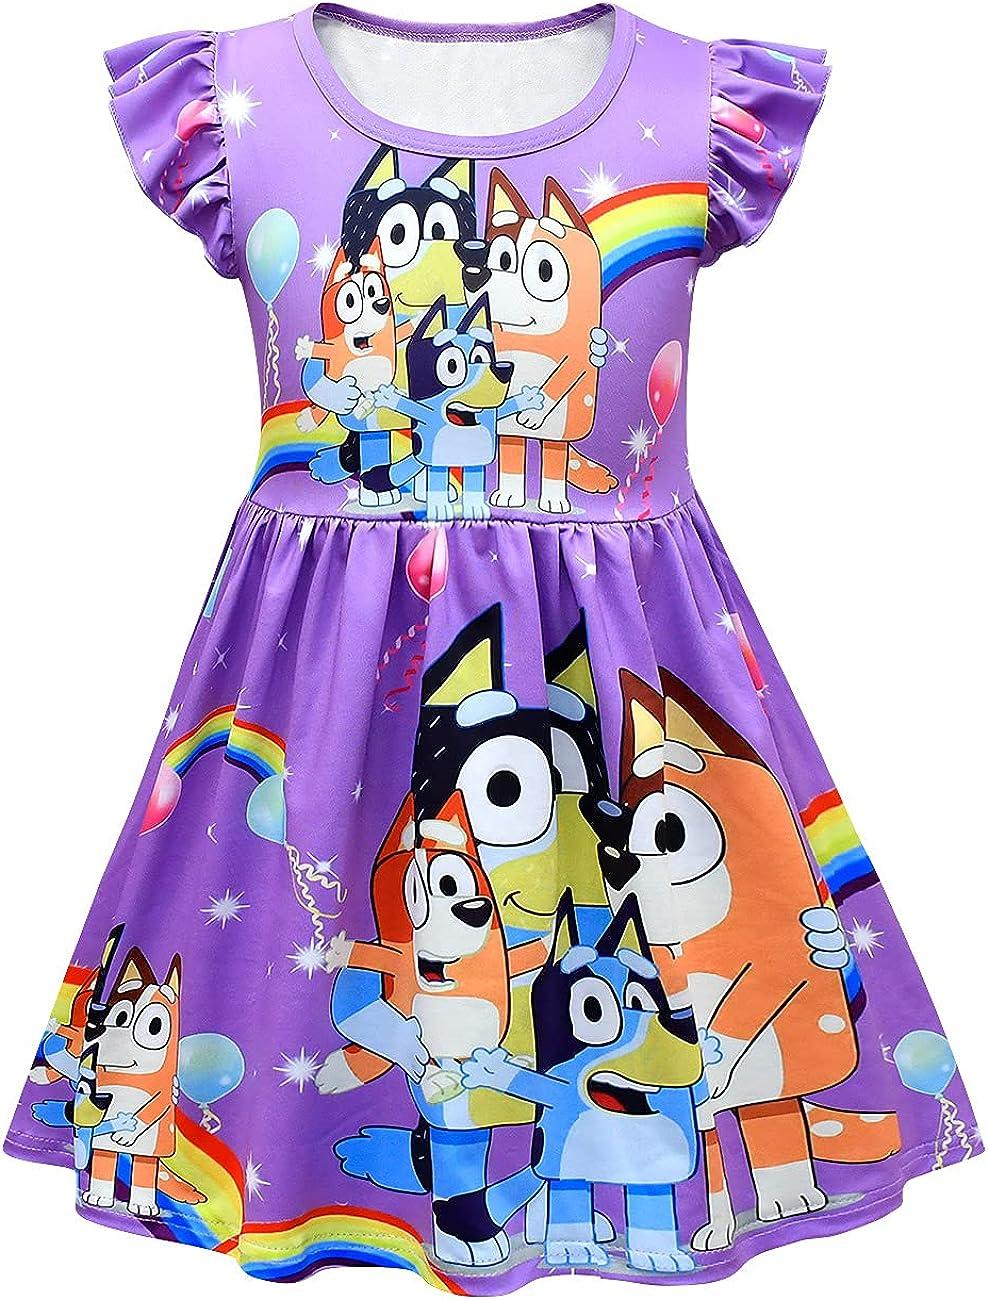 XXTWYY Toddler Girls Princess Dress Little Kids Summer Cartoon Dog Print Casual Shirtdress